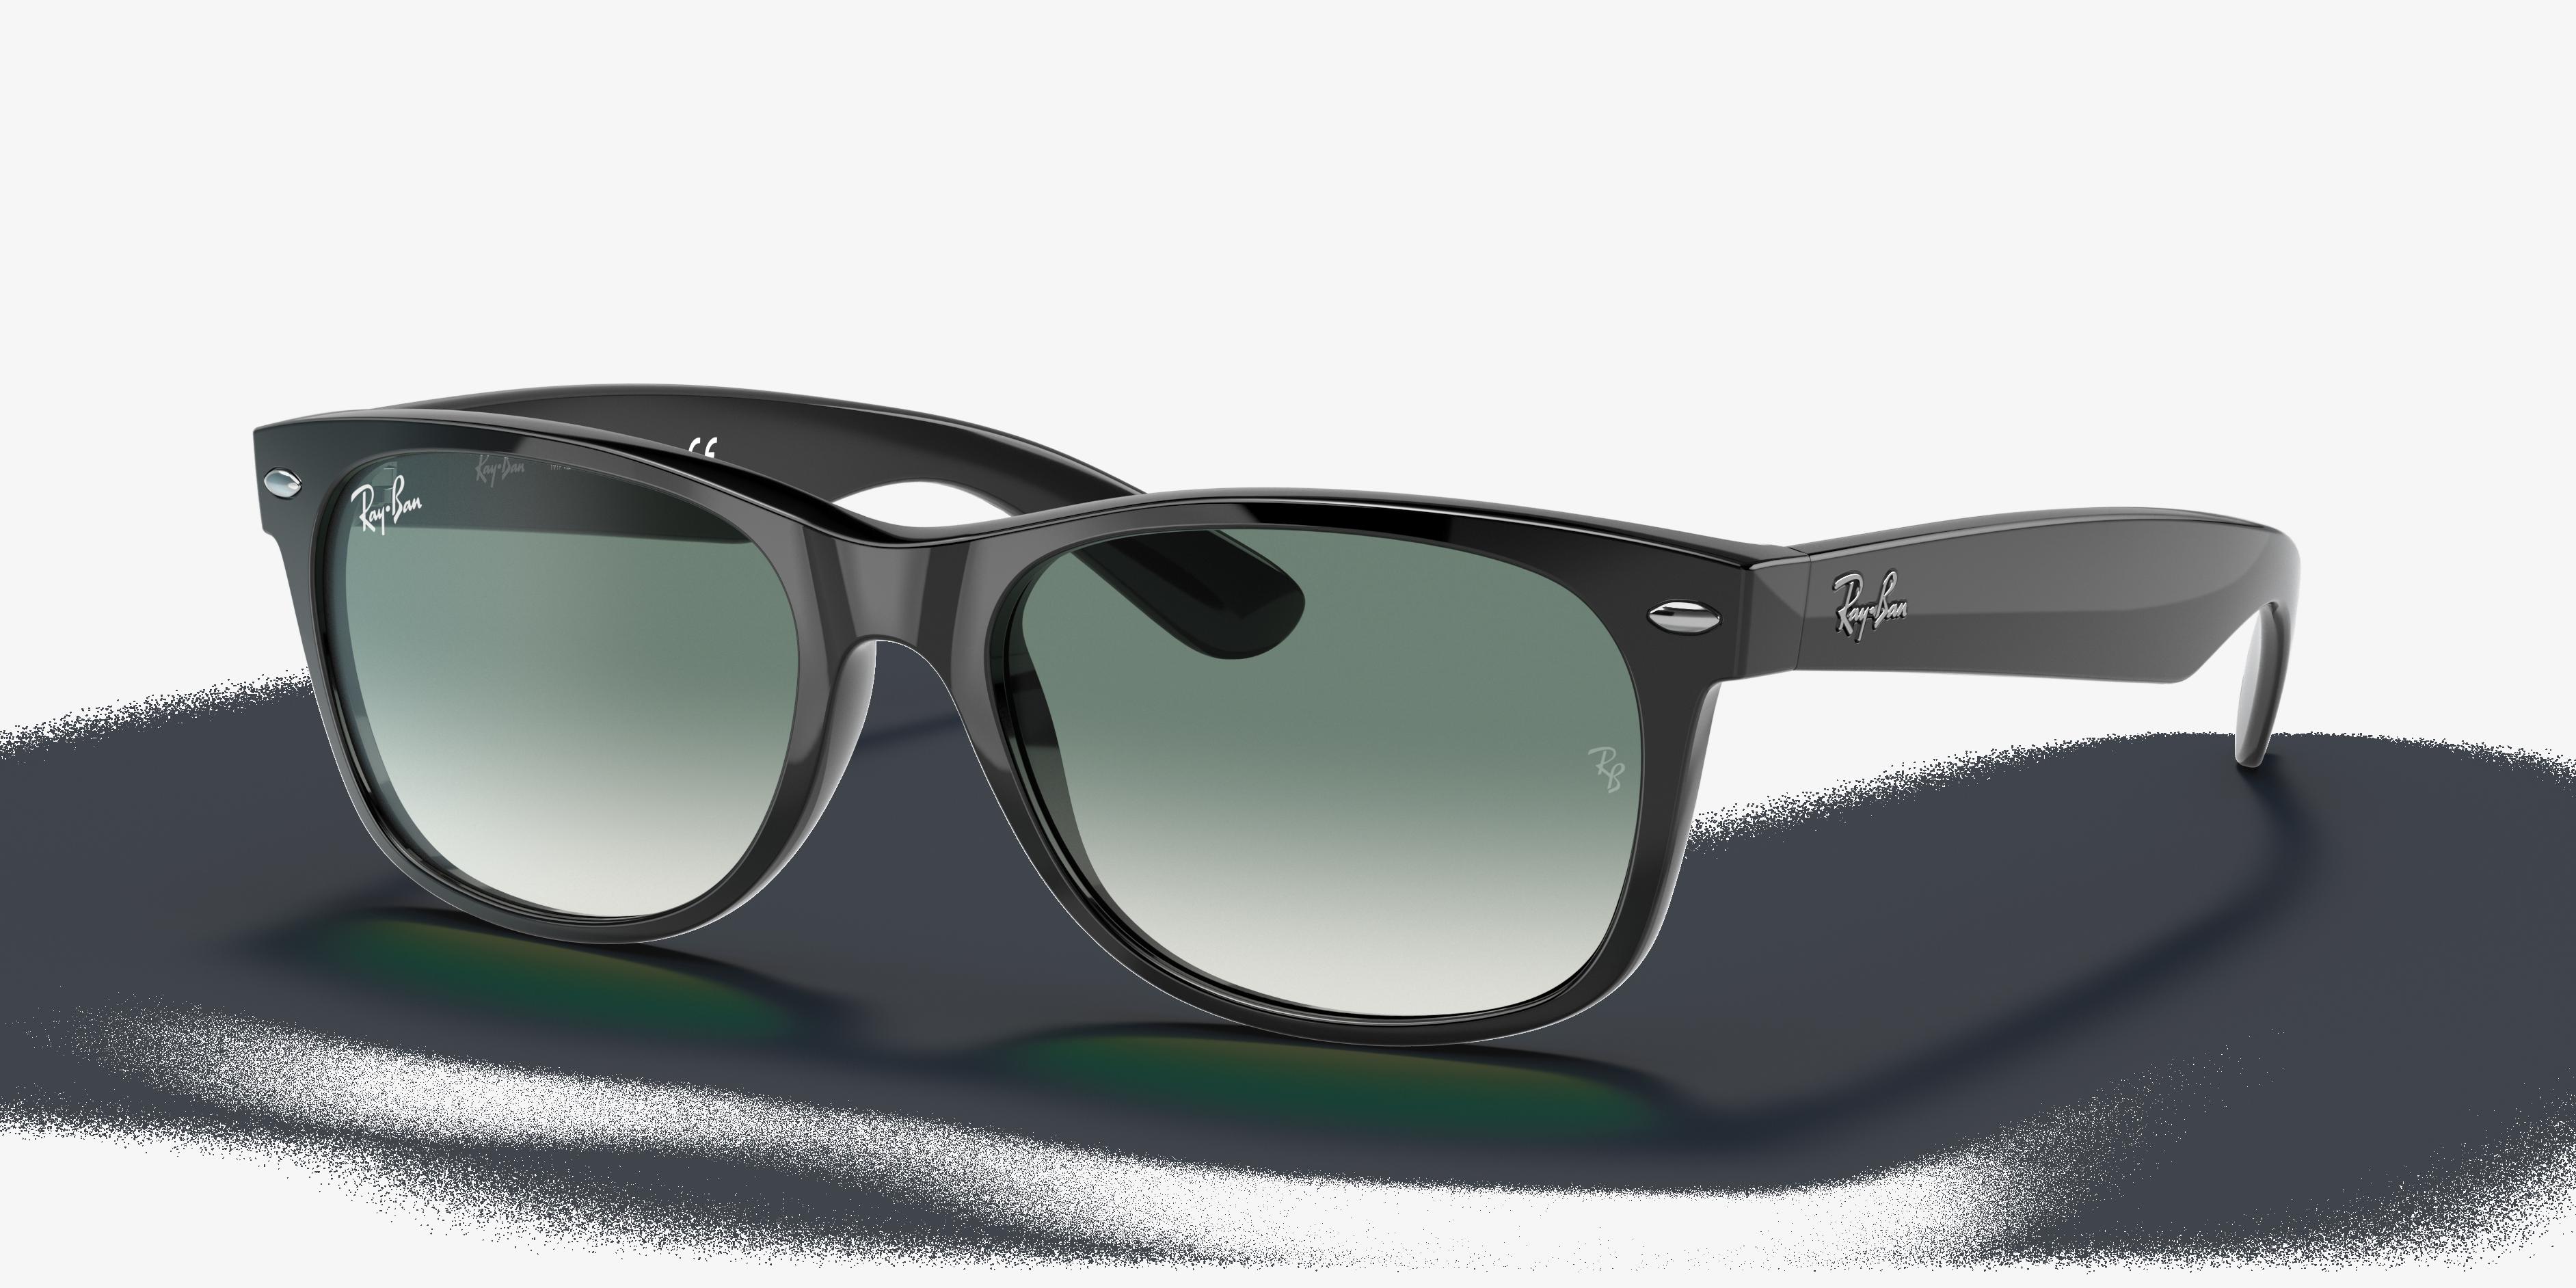 Ray-Ban New Wayfarer Flash Gradient Lenses Black, Green Lenses - RB2132